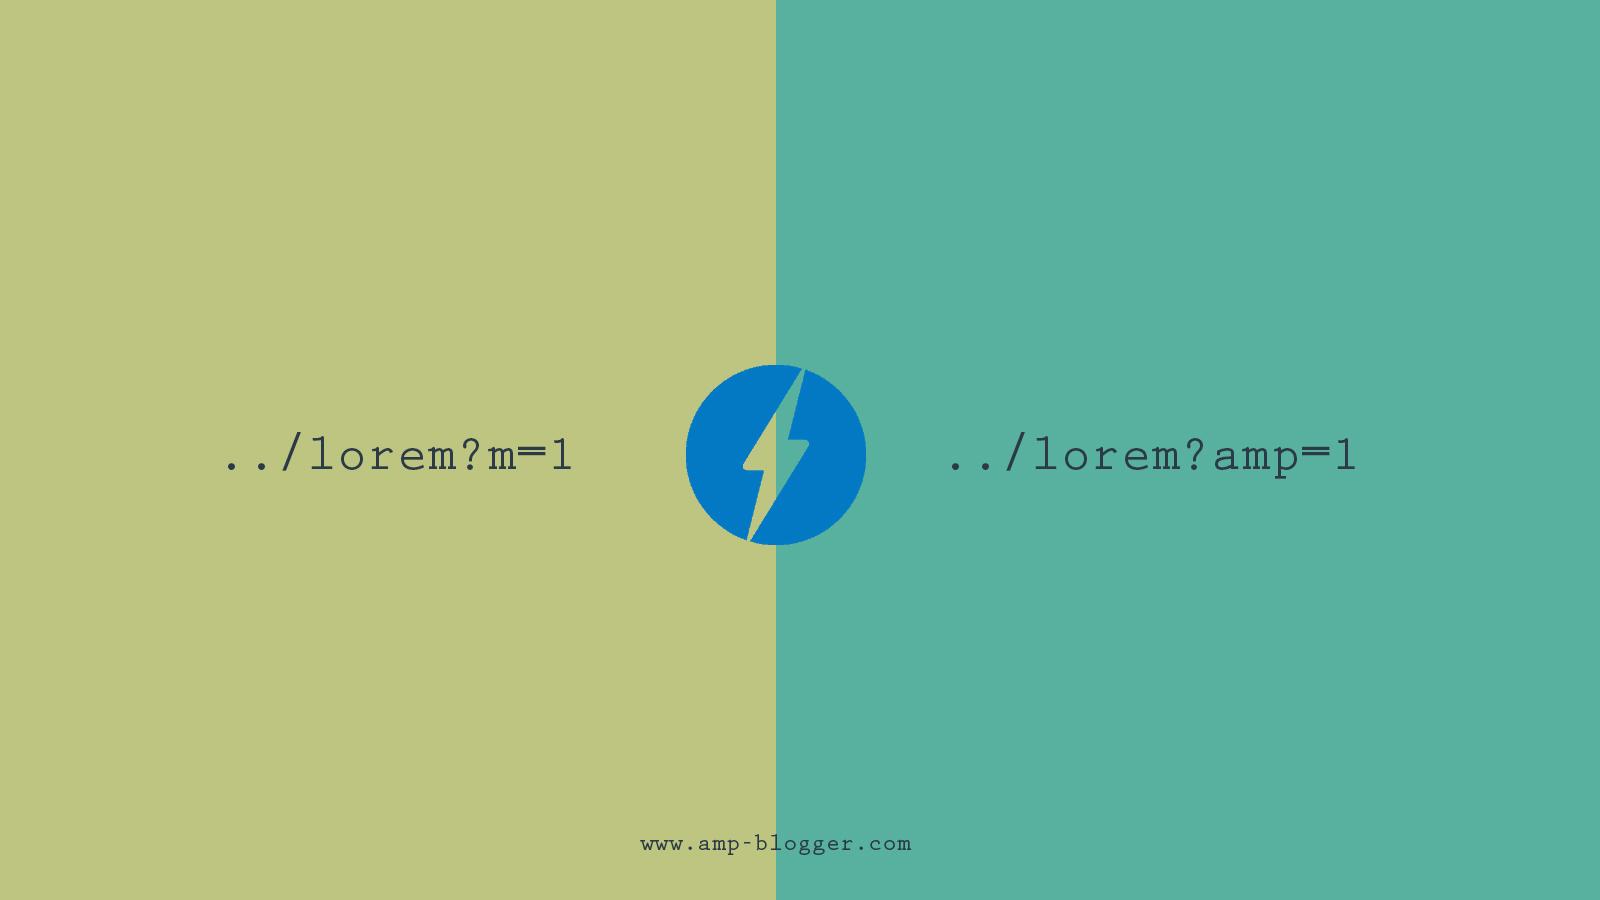 Merubah Parameter AMP Blogger dari m=1 Menjadi amp=1